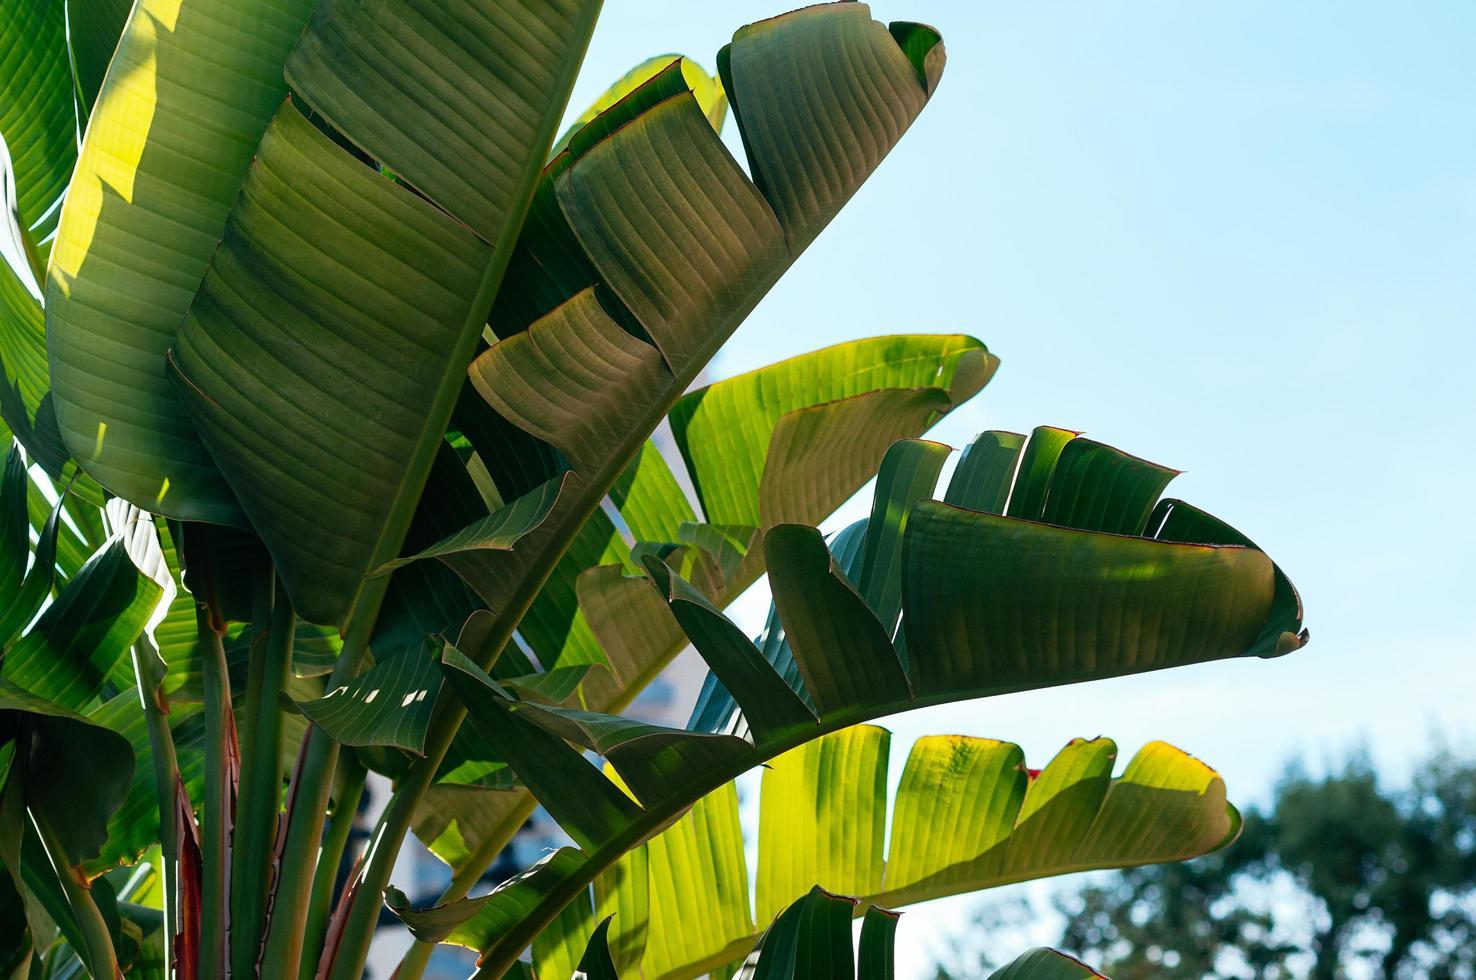 piante tropicali contro il cielo blu foto